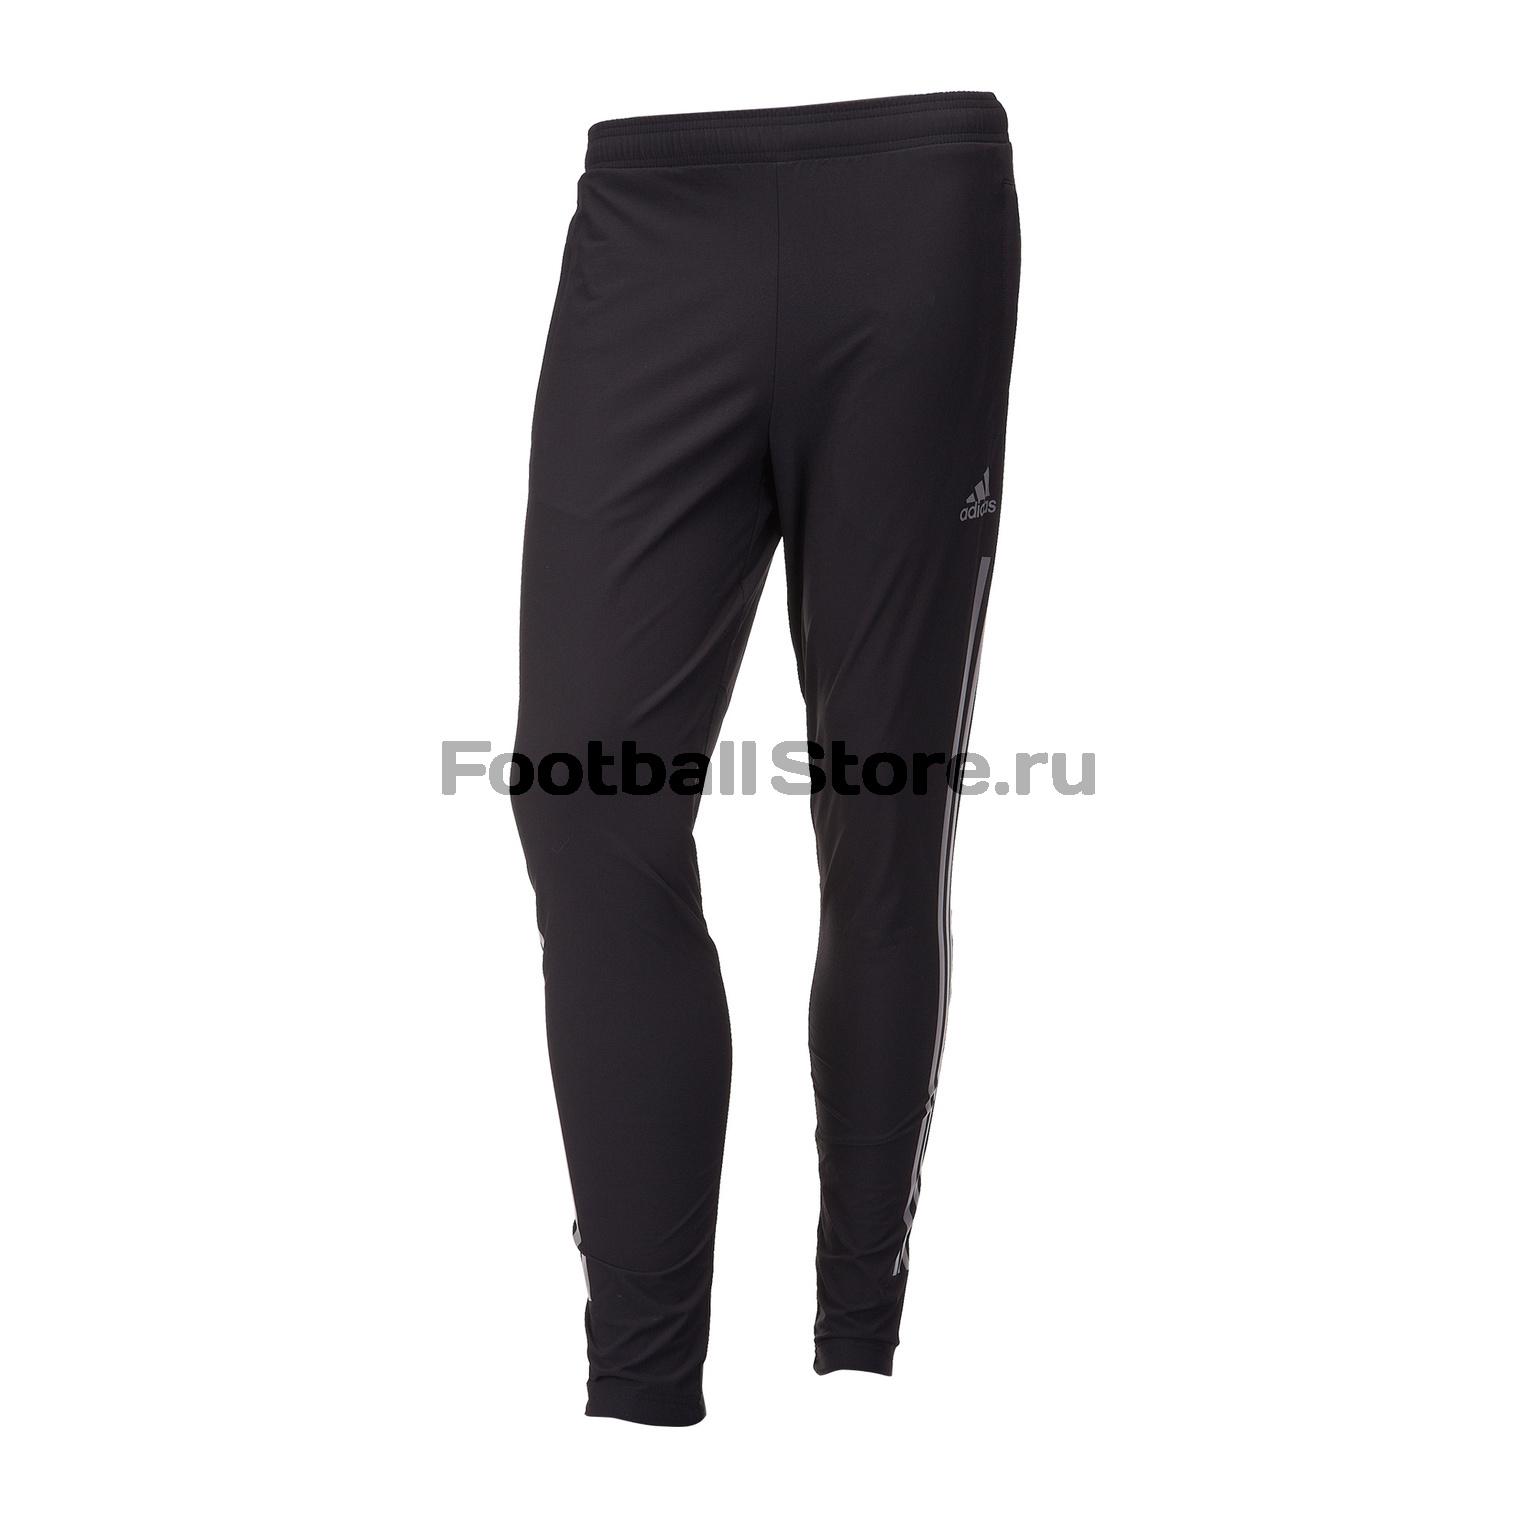 цена на Брюки тренировочные Adidas Tec Pnt CW7394